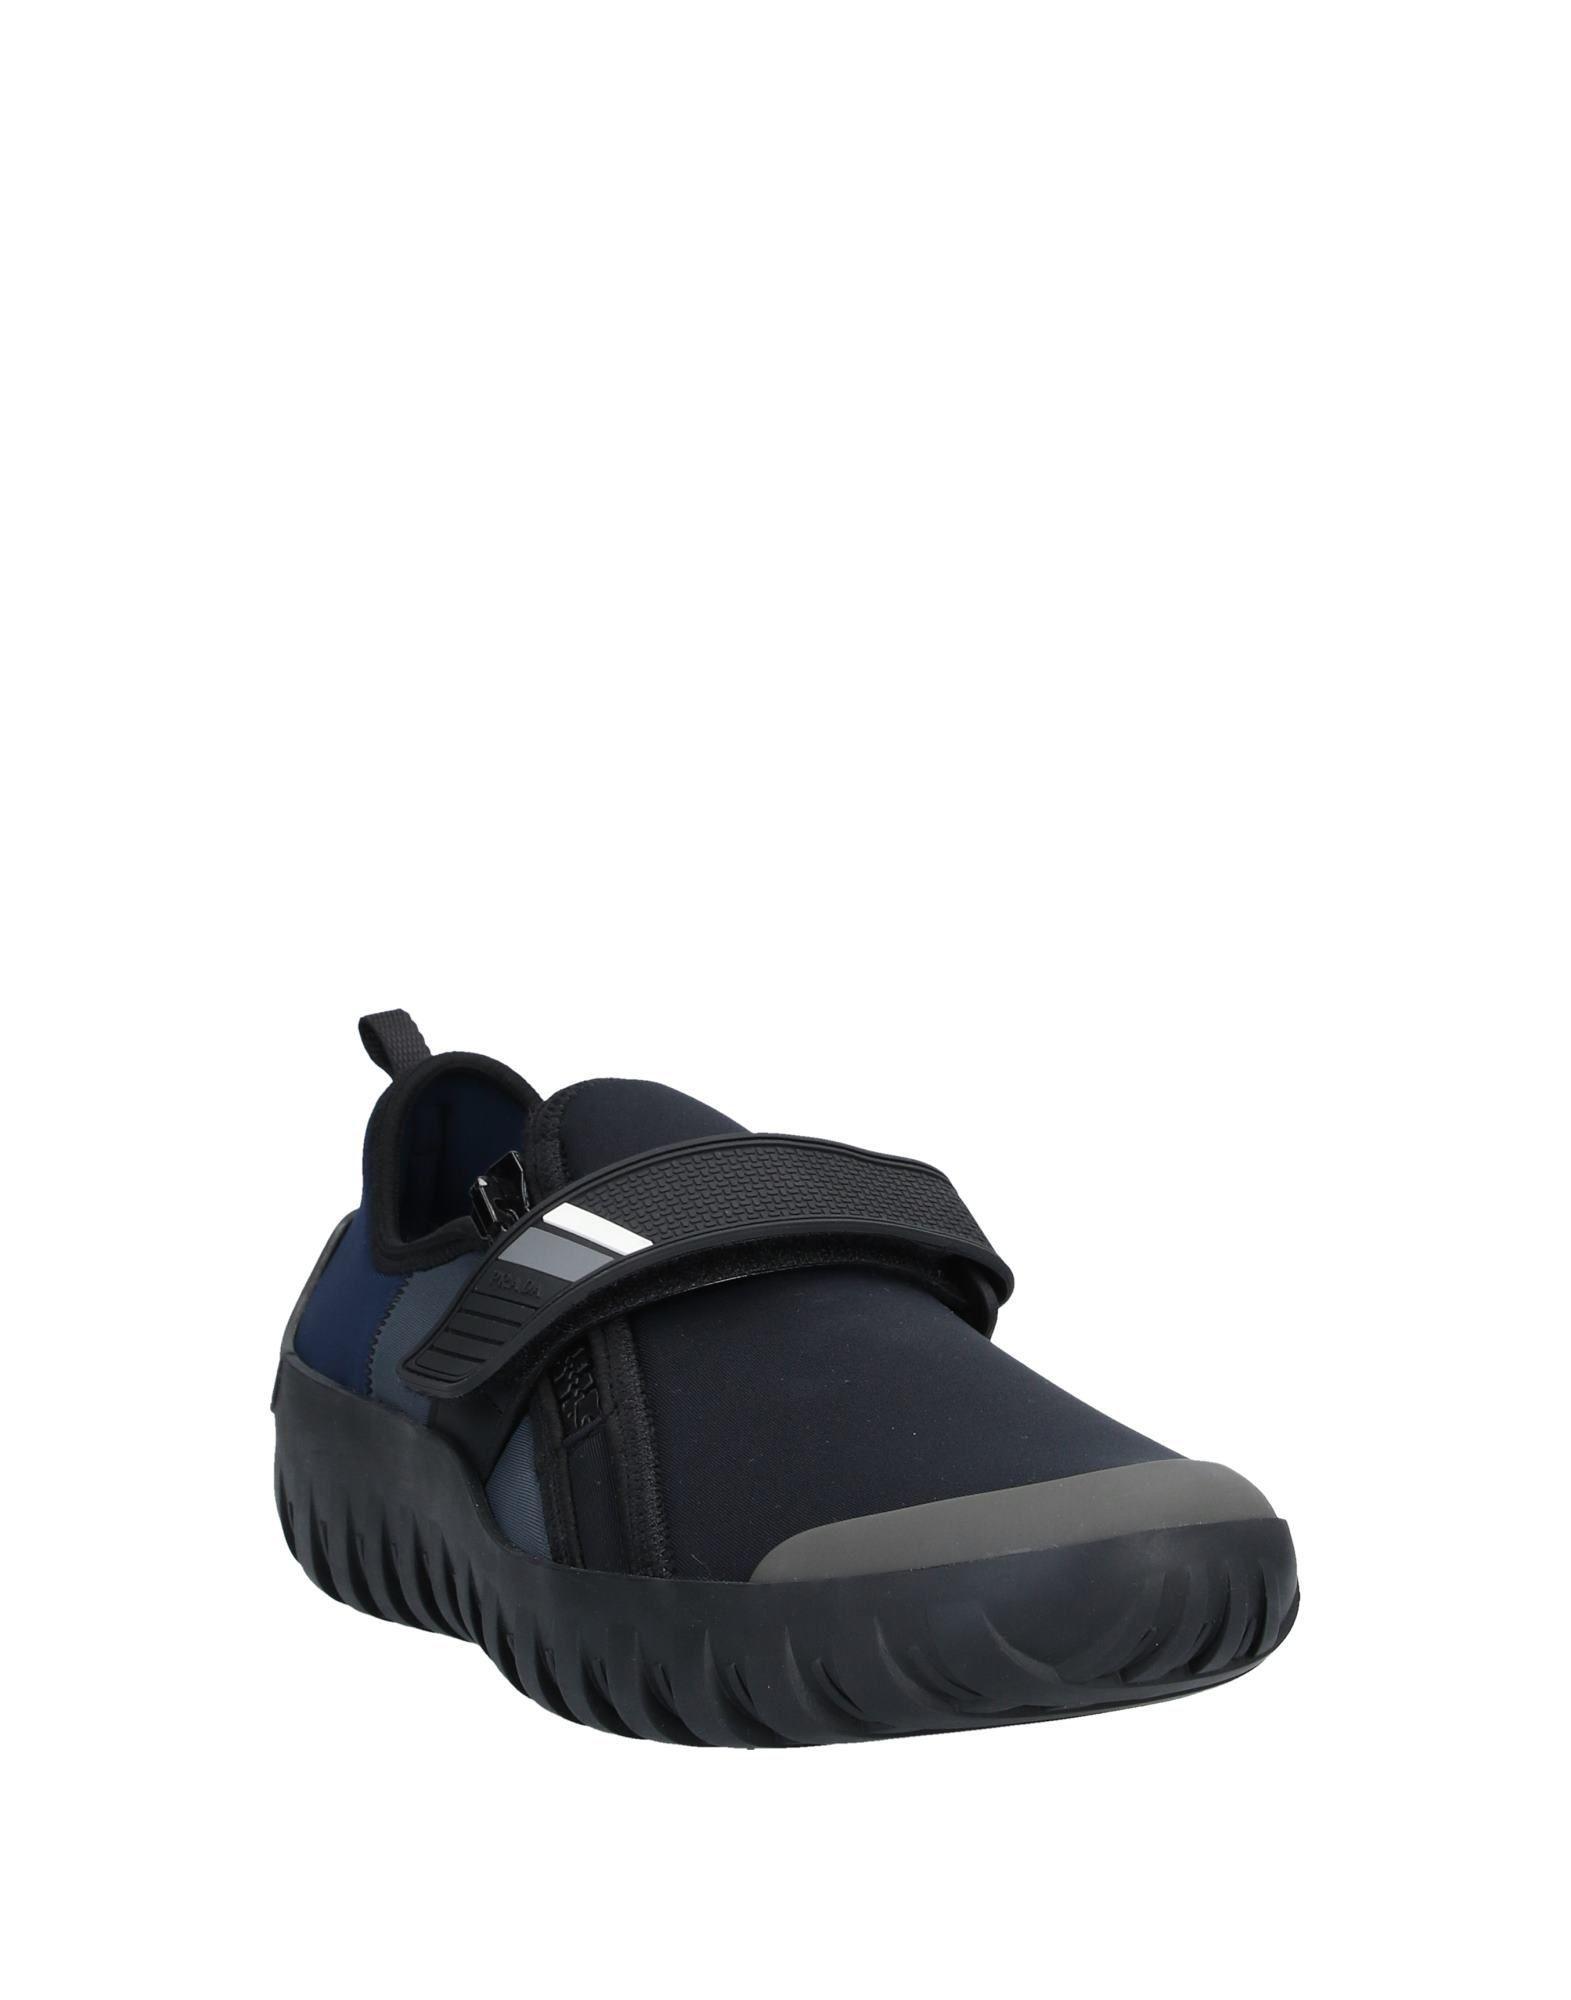 Sneakers & Tennis basses Néoprène Prada Linea Rossa pour homme en coloris Noir 2aOQ